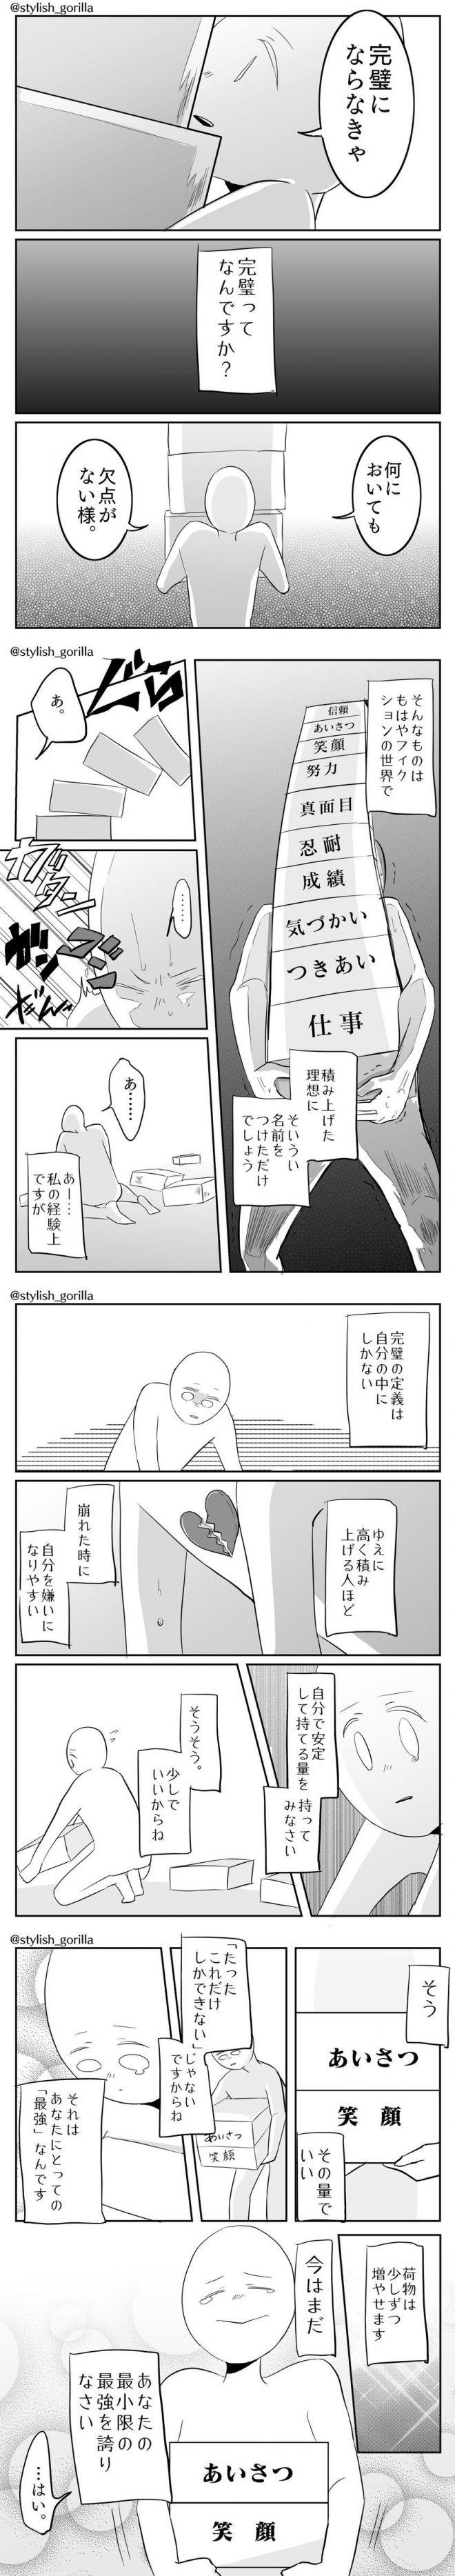 漫画「完璧になりたい人へ」